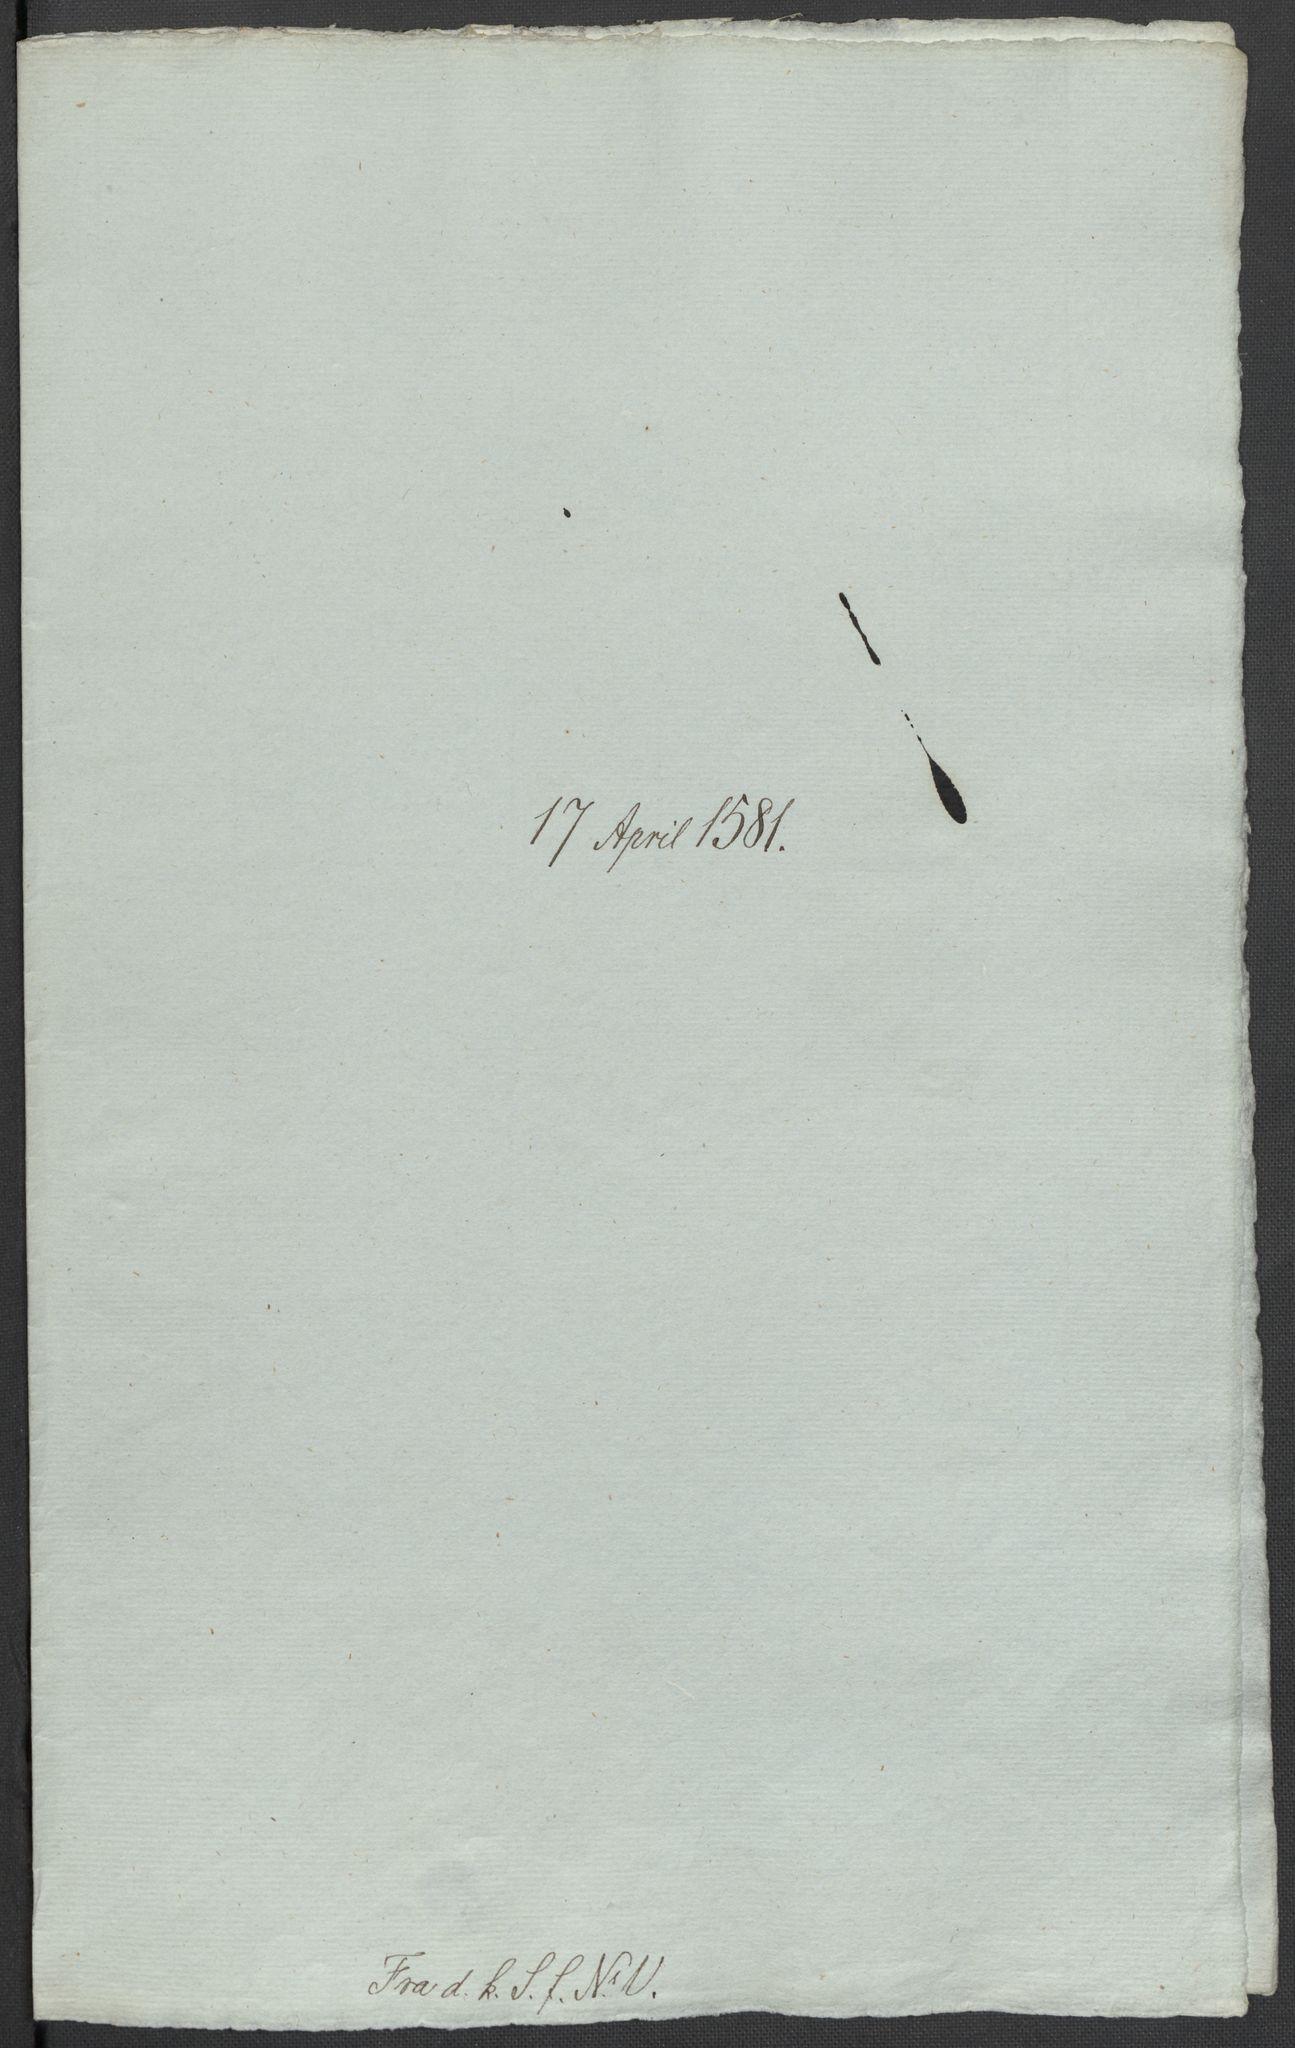 RA, Riksarkivets diplomsamling, F02/L0083: Dokumenter, 1581, s. 14